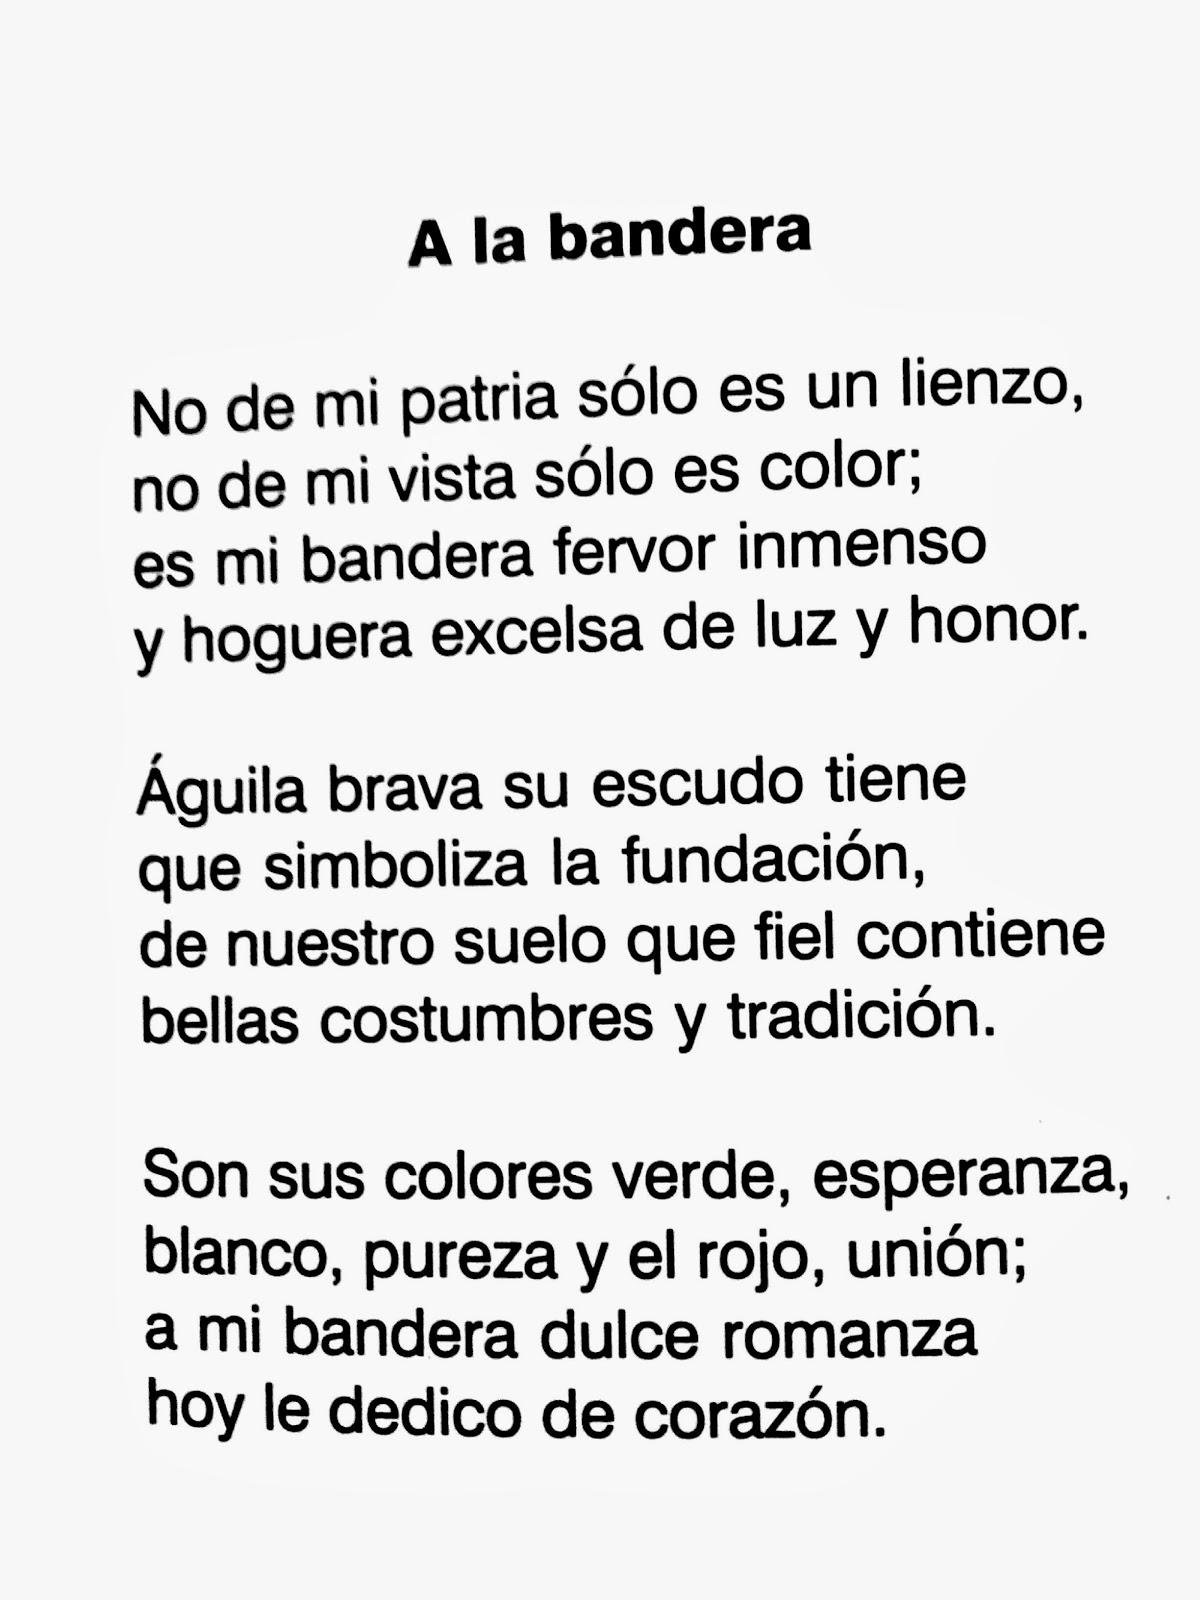 poema de la bandera de mexico